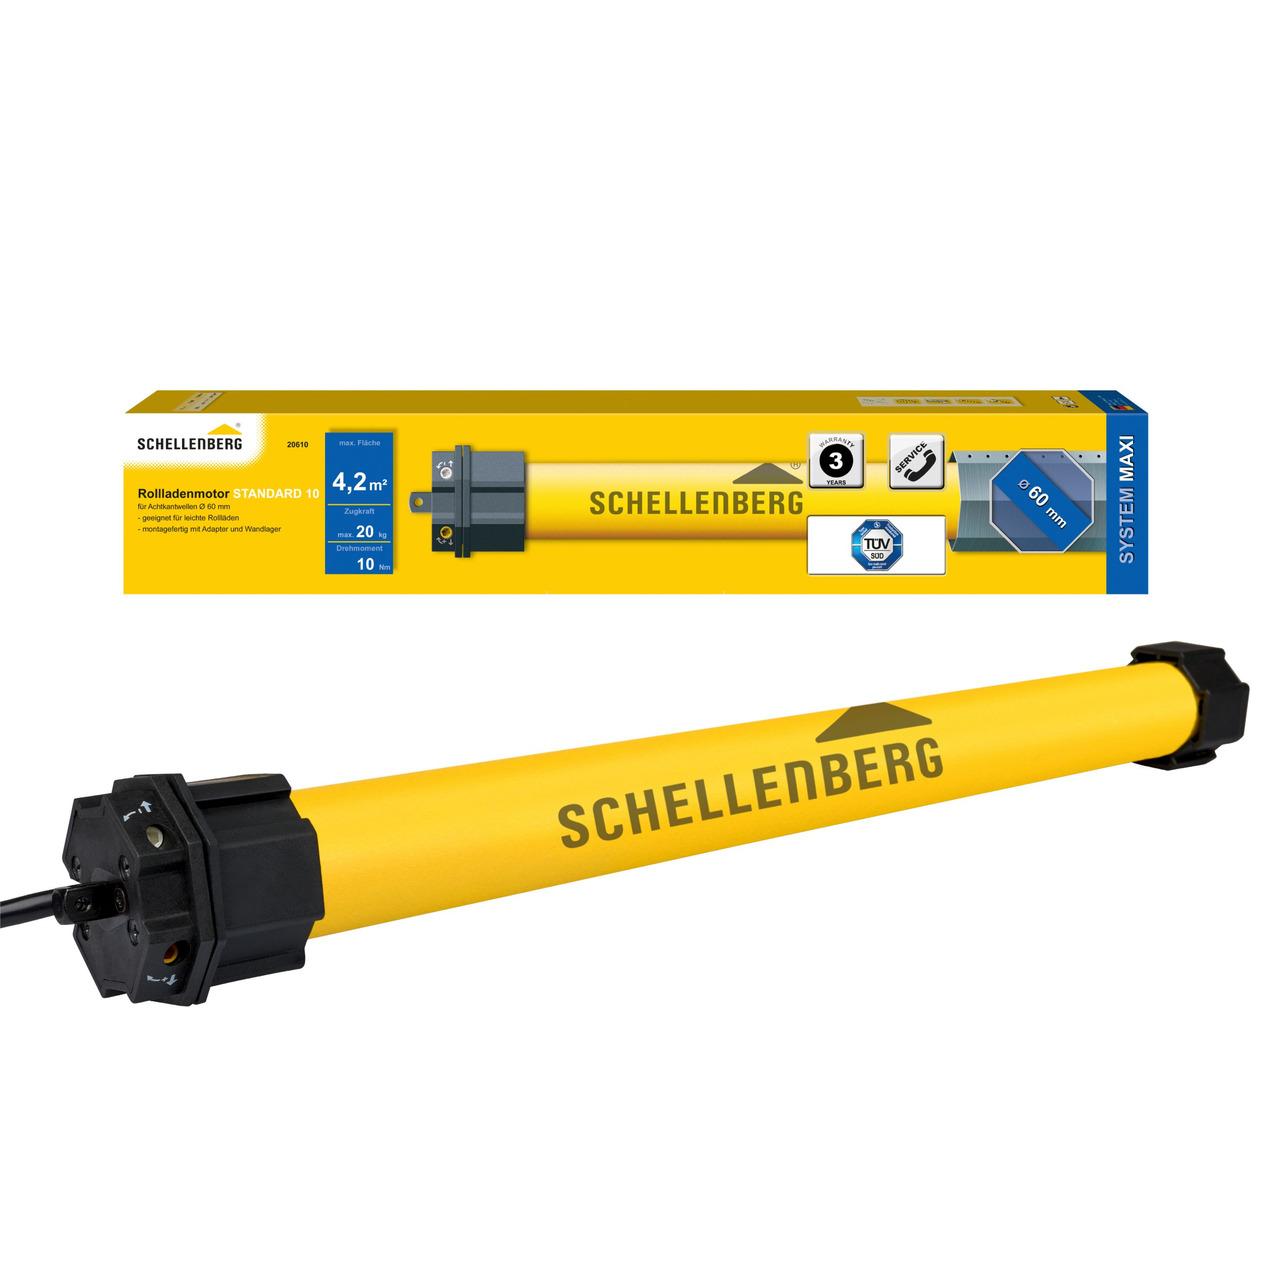 Schellenberg Mechanischer Rohrmotor STANDARD für SW60- 10 Nm